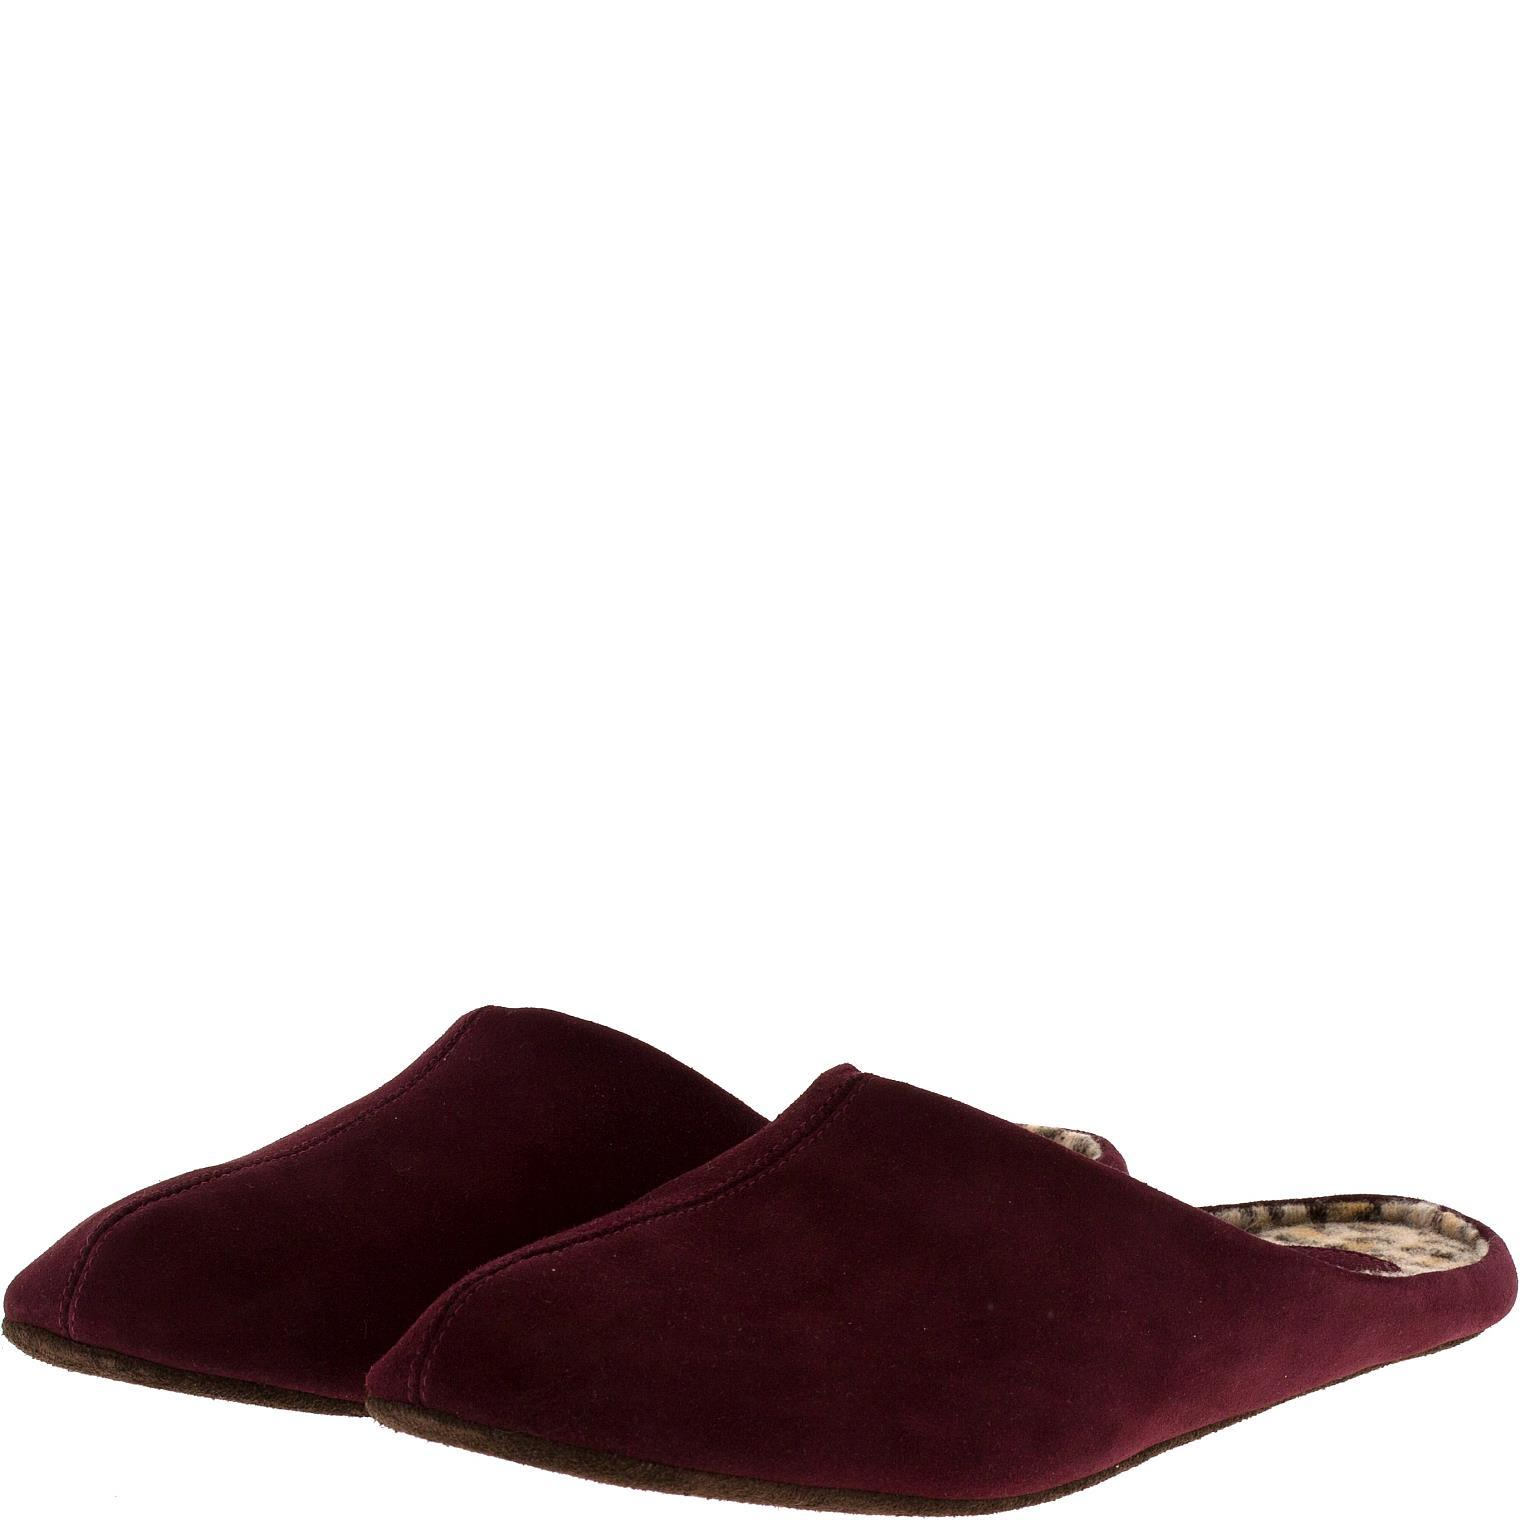 777137 туфли домашние женские бордо больших размеров марки Делфино